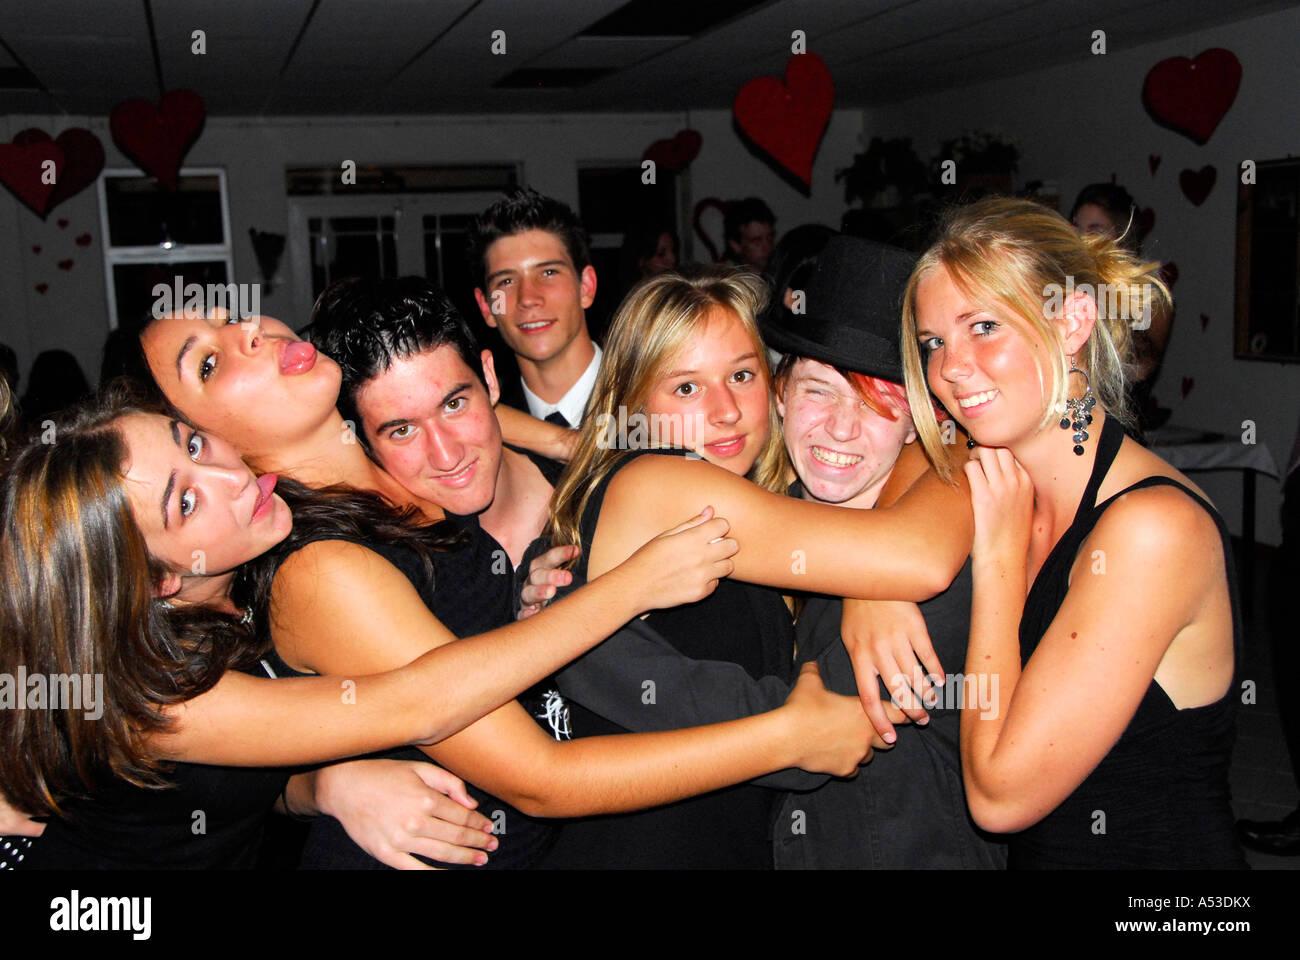 Banquet de la saint valentin, les adolescents s'amusant, Afrique du Sud Photo Stock